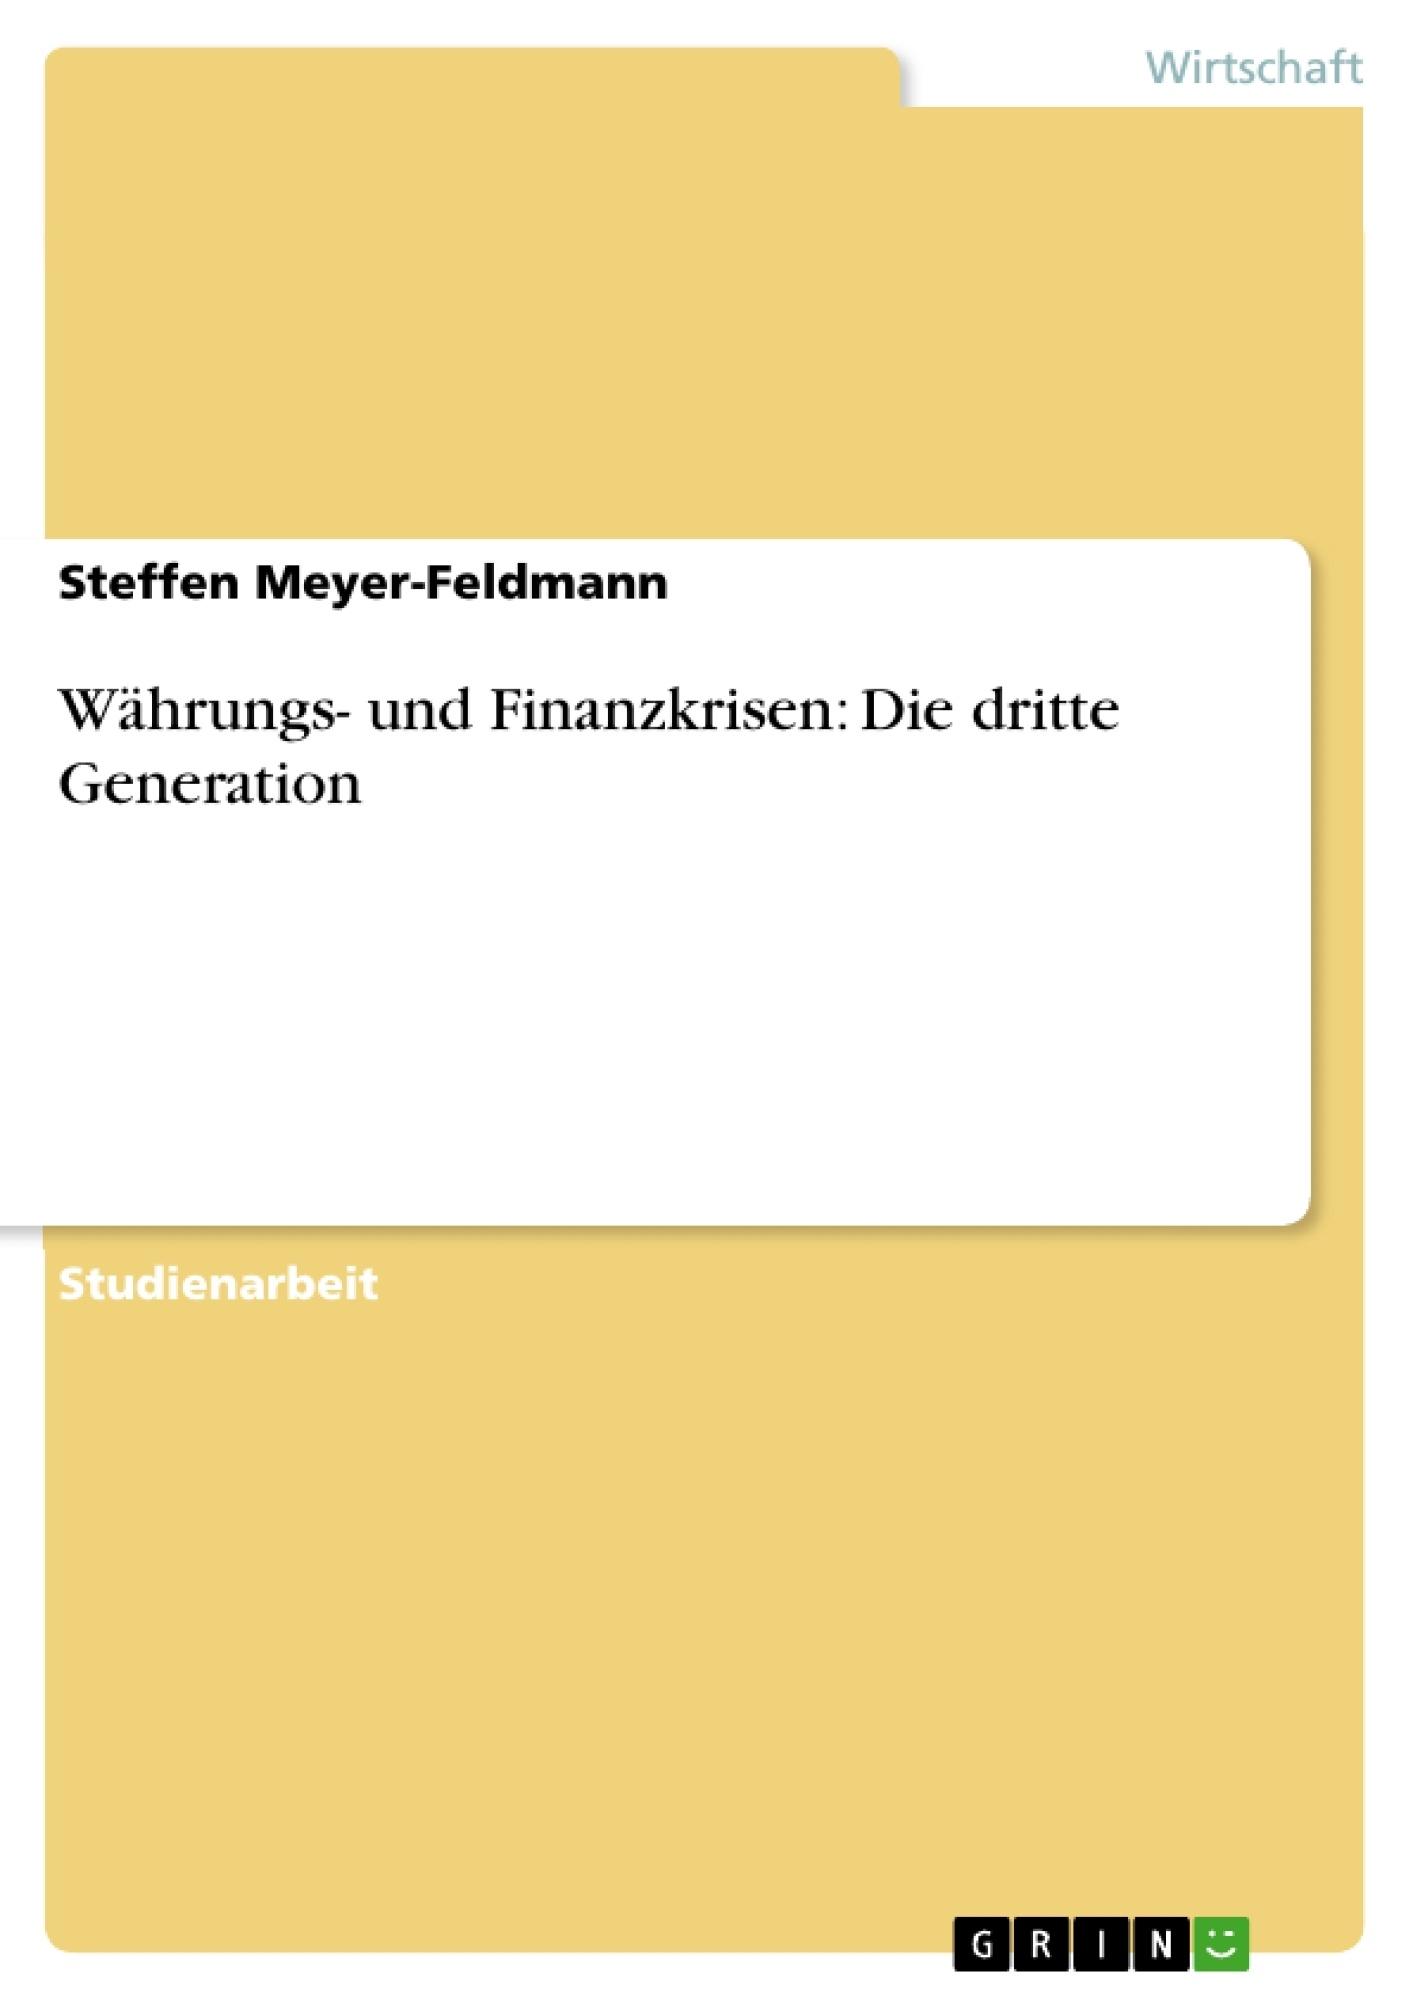 Titel: Währungs- und Finanzkrisen: Die dritte Generation